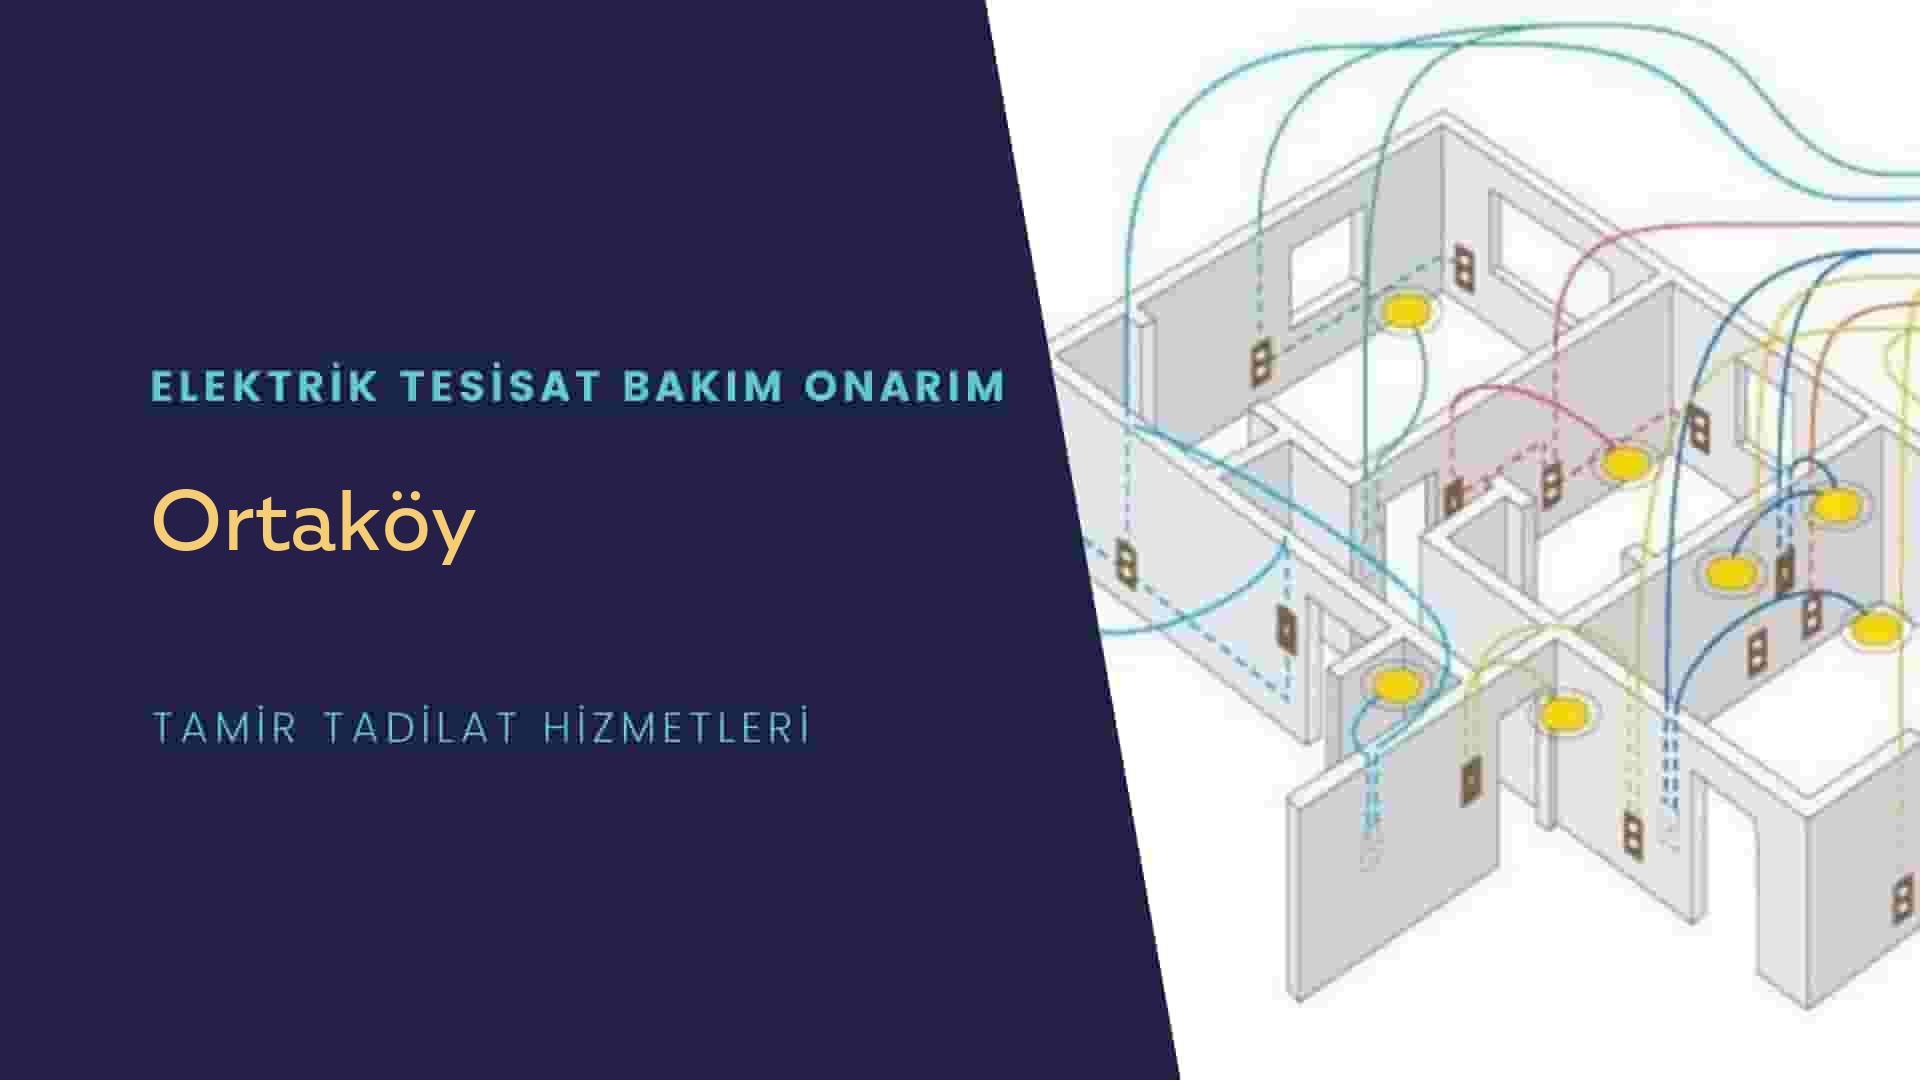 Ortaköy'de elektrik tesisatıustalarımı arıyorsunuz doğru adrestenizi Ortaköy elektrik tesisatı ustalarımız 7/24 sizlere hizmet vermekten mutluluk duyar.